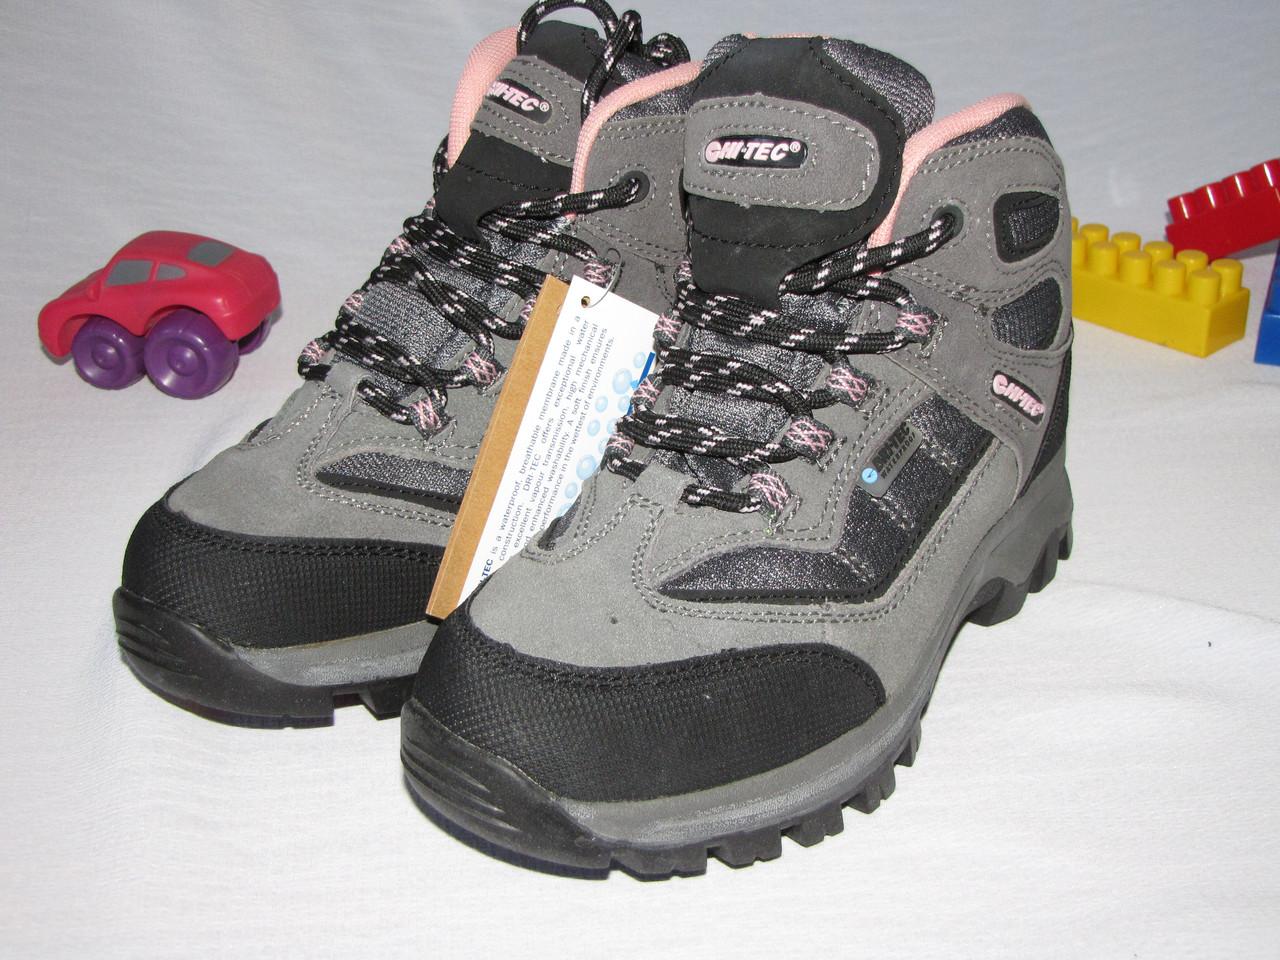 Ботинки для девочки осень зима  Hi-Tech оригинал размер 32 серые+розовые 08020/01